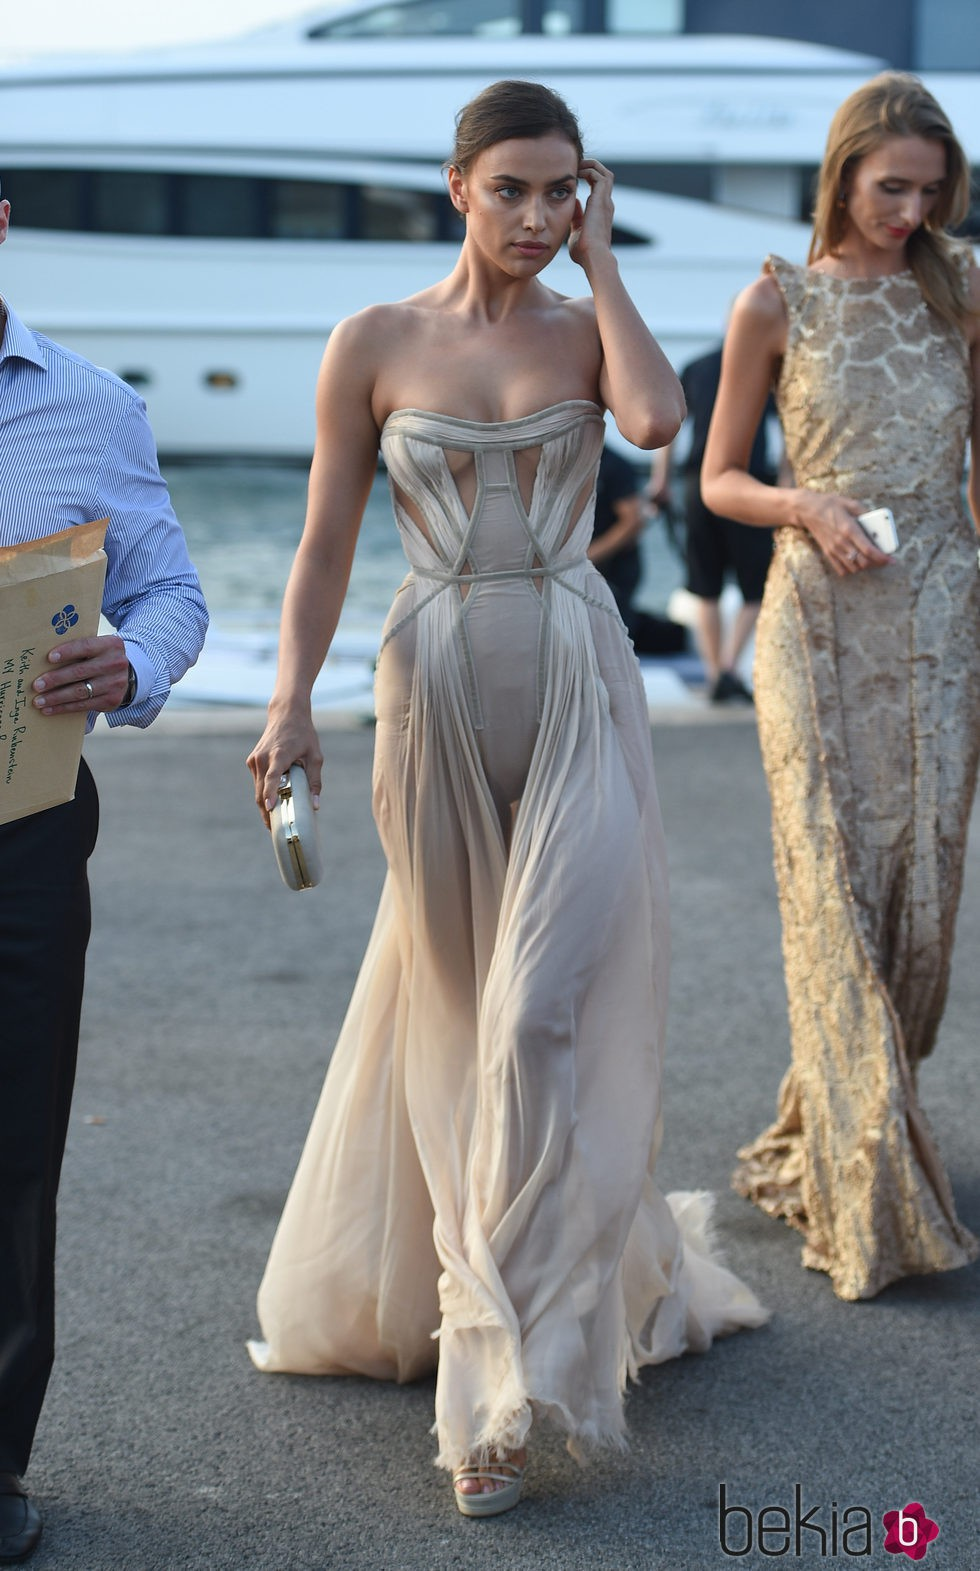 Irina Shayk en el puerto de Saint-Tropez antes de la fiesta benéfica de Leonardo DiCaprio